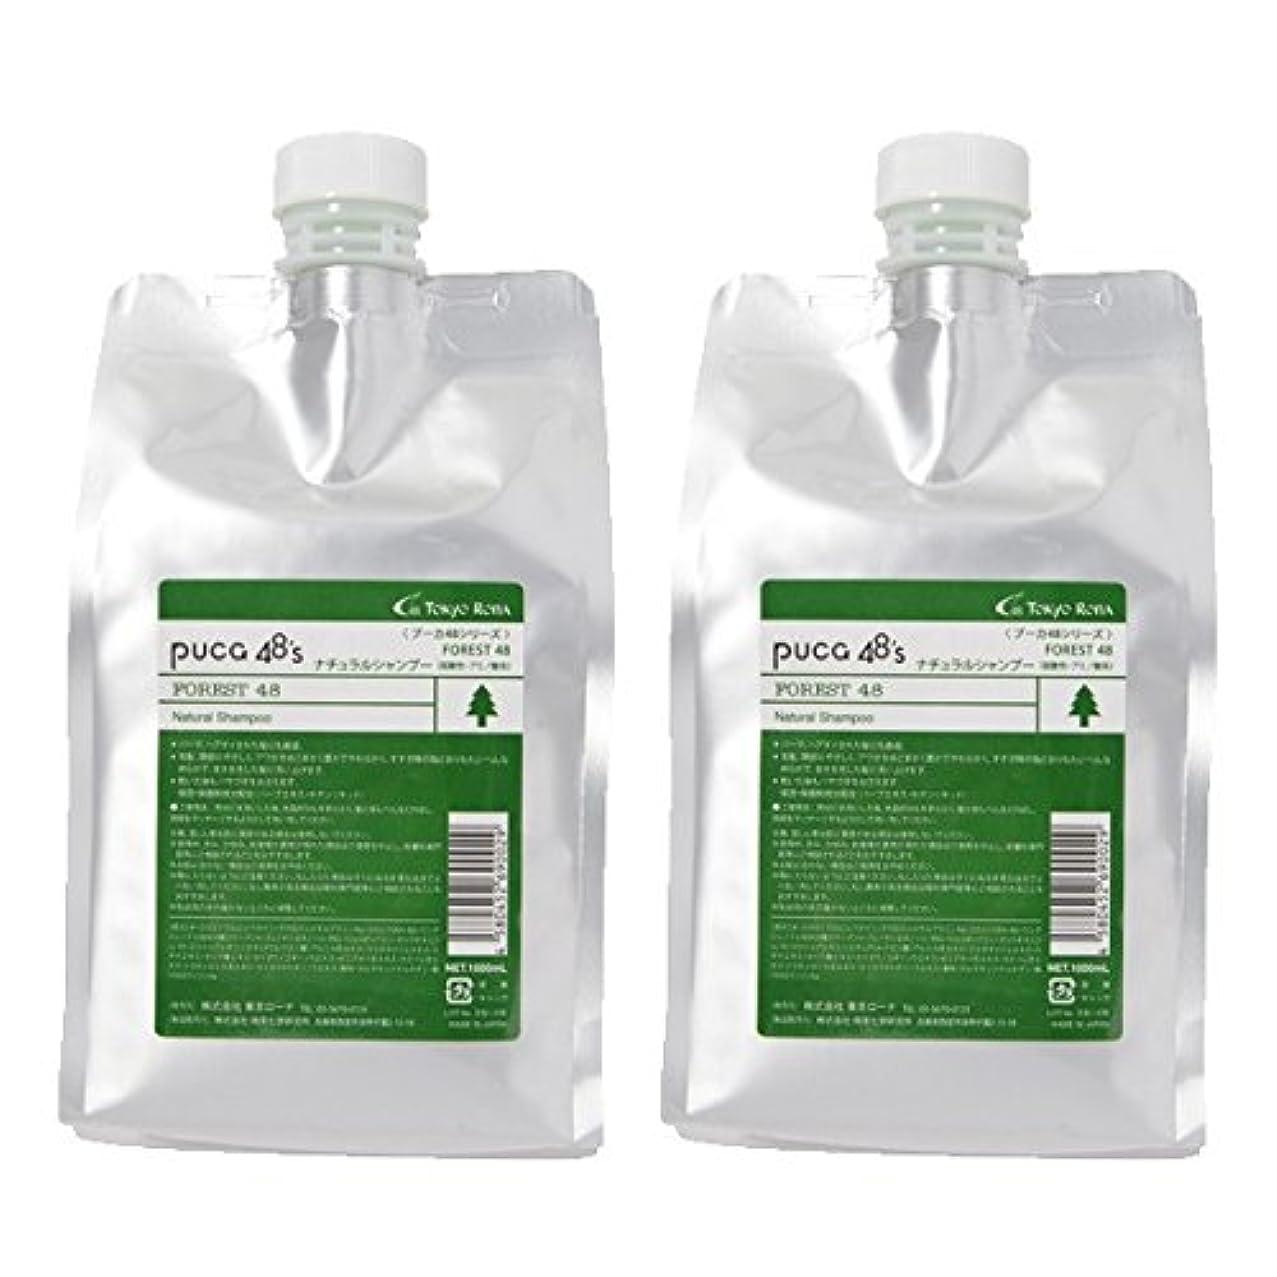 有料位置づける結論プーカ48シリーズ FOREST 48 ナチュラルシャンプー (弱酸性?アミノ酸系) 1000mL 2本セット